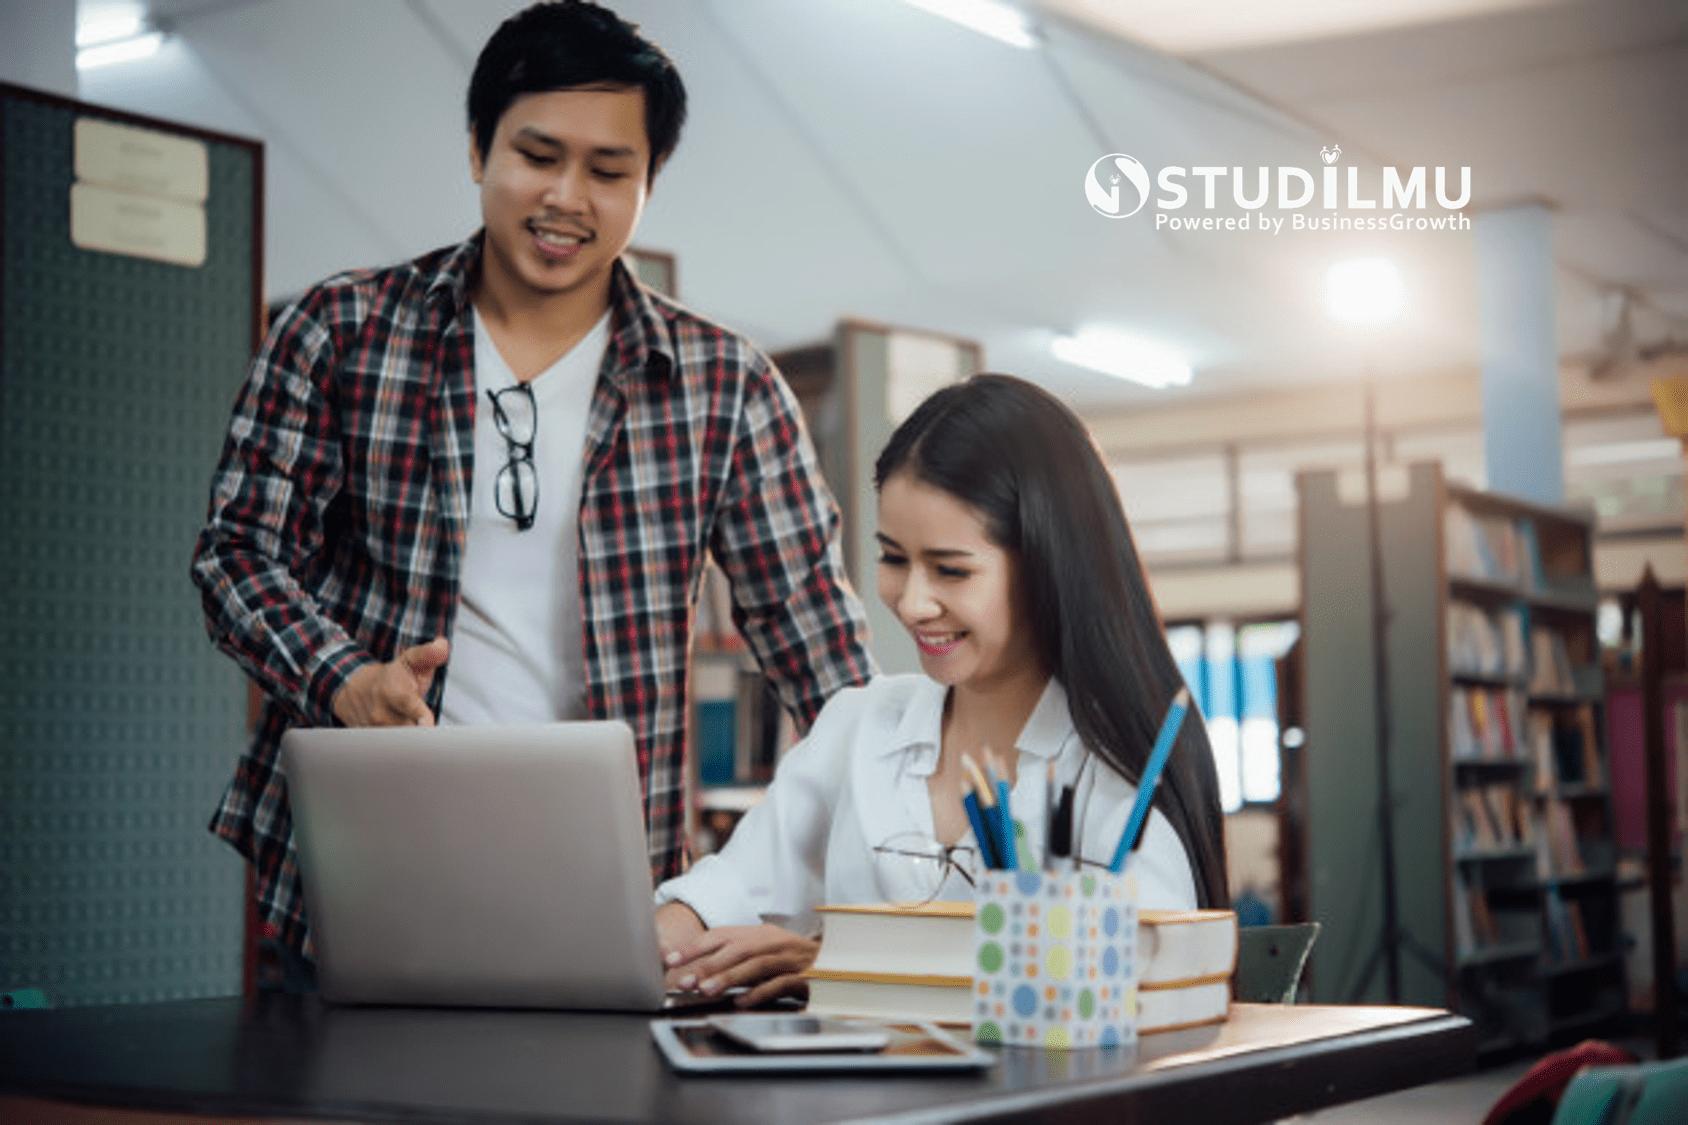 STUDILMU Career Advice - Kunci Utama Produktivitas Kerja